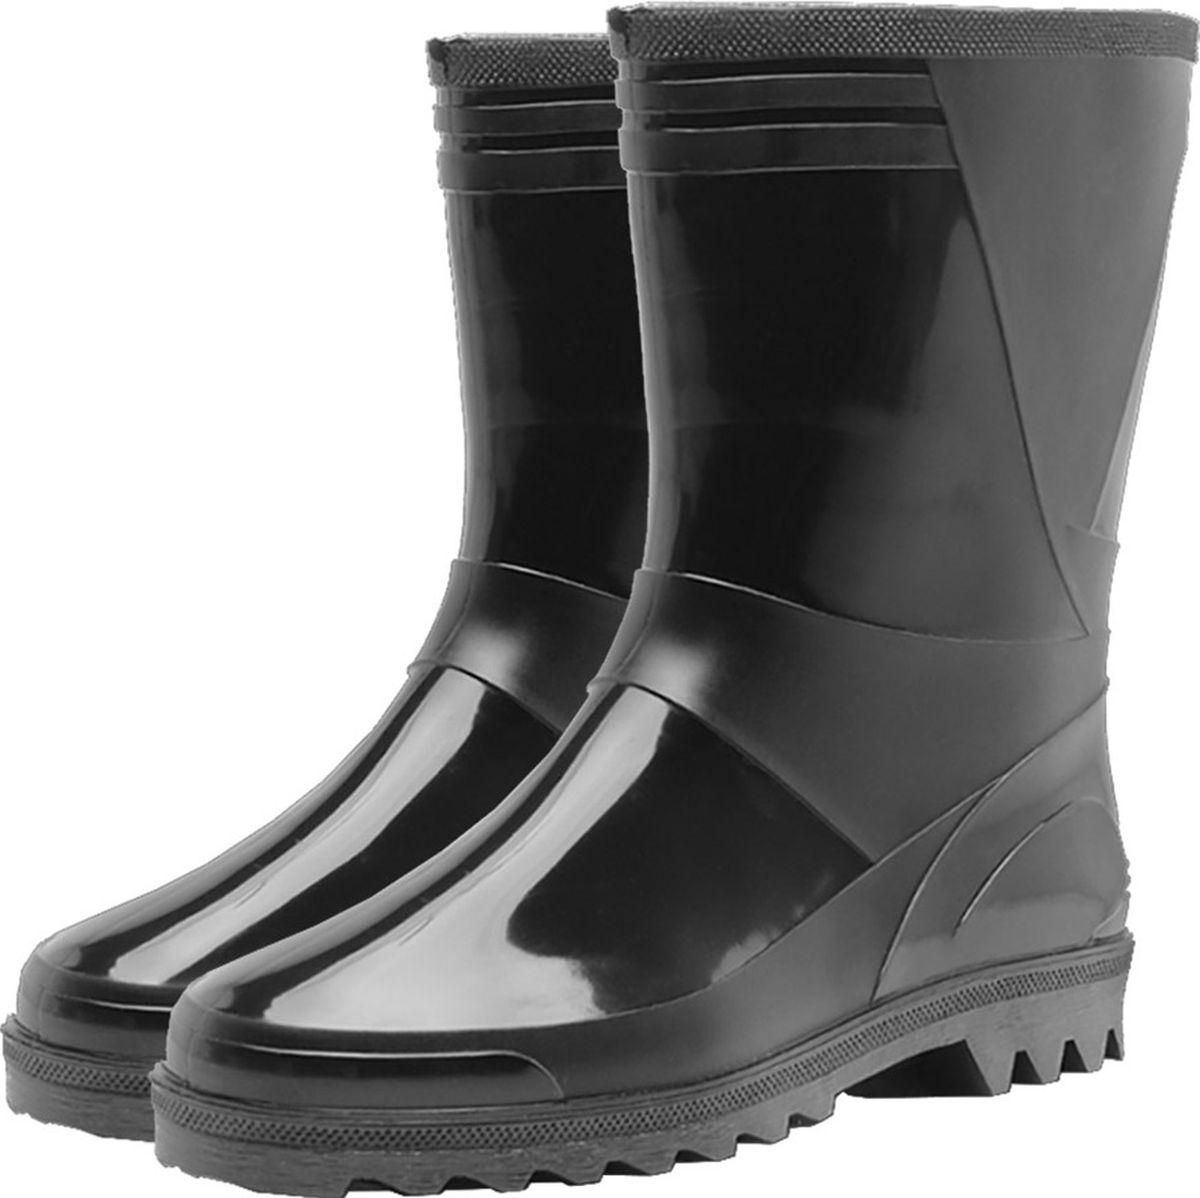 Сапоги мужские Дюна, цвет: черный. 140-901-42. Размер 42140-901-42Мужские сапоги Дюна выполнены из материала ПВХ, изготовленные по технологии двухкомпонентного литья. Модель обладает высокой эластичностью даже при минусовой температуре, защищает от промокания. Мужские сапоги Дюна - хорошая обувь с широким спектром применения.